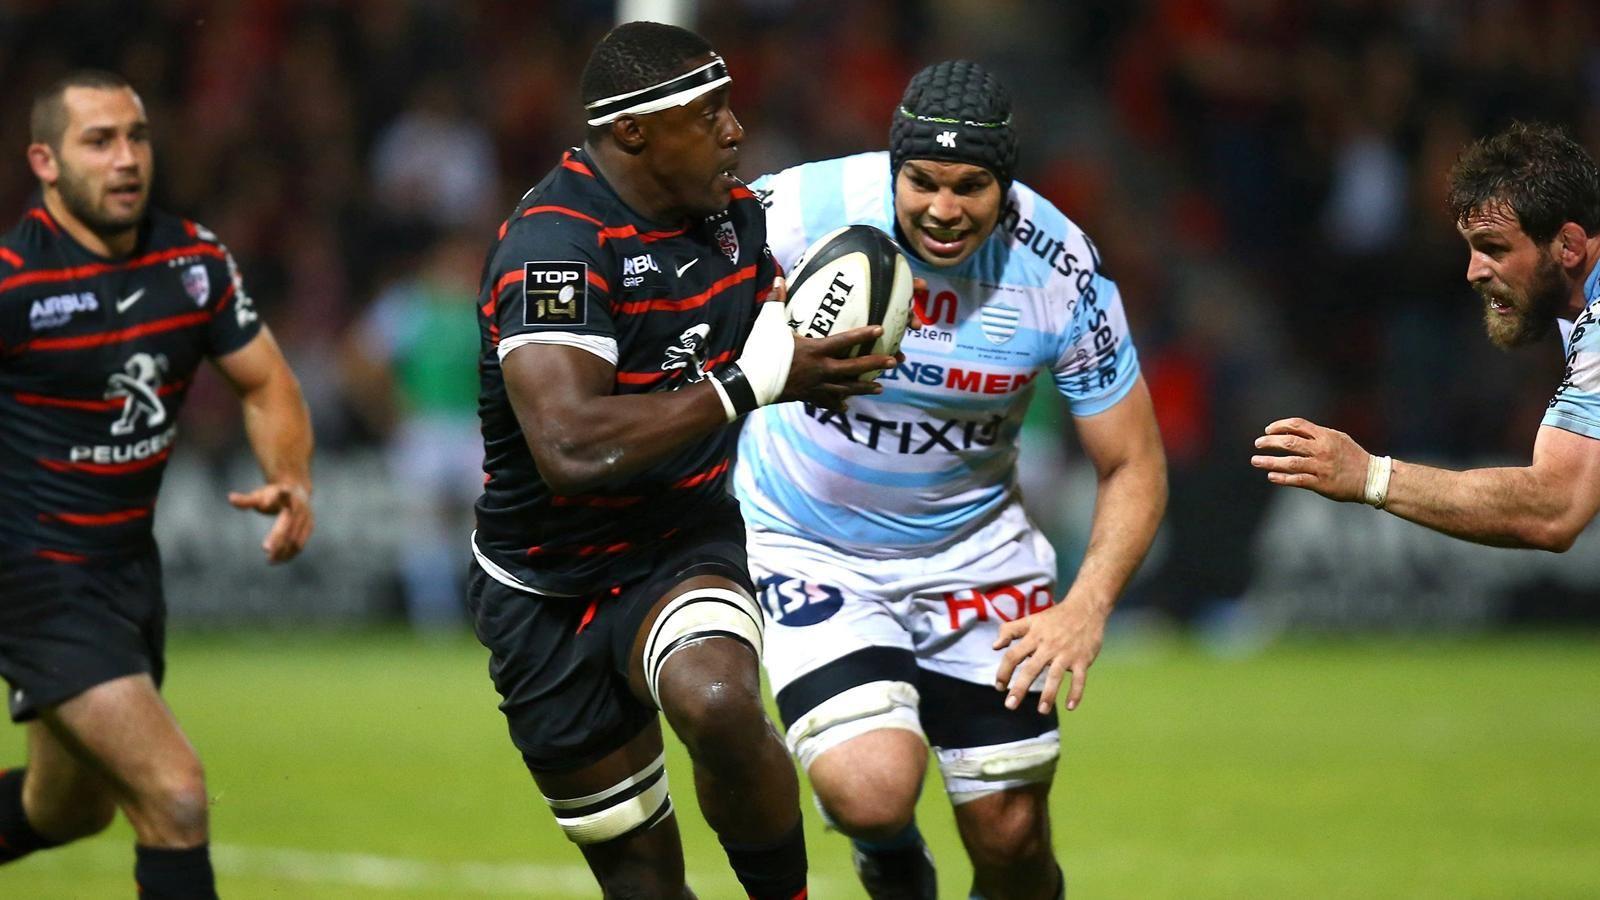 Nos Pronostics Pour La 6e Journee De Top 14 Top 14 Rugby Stade Toulousain